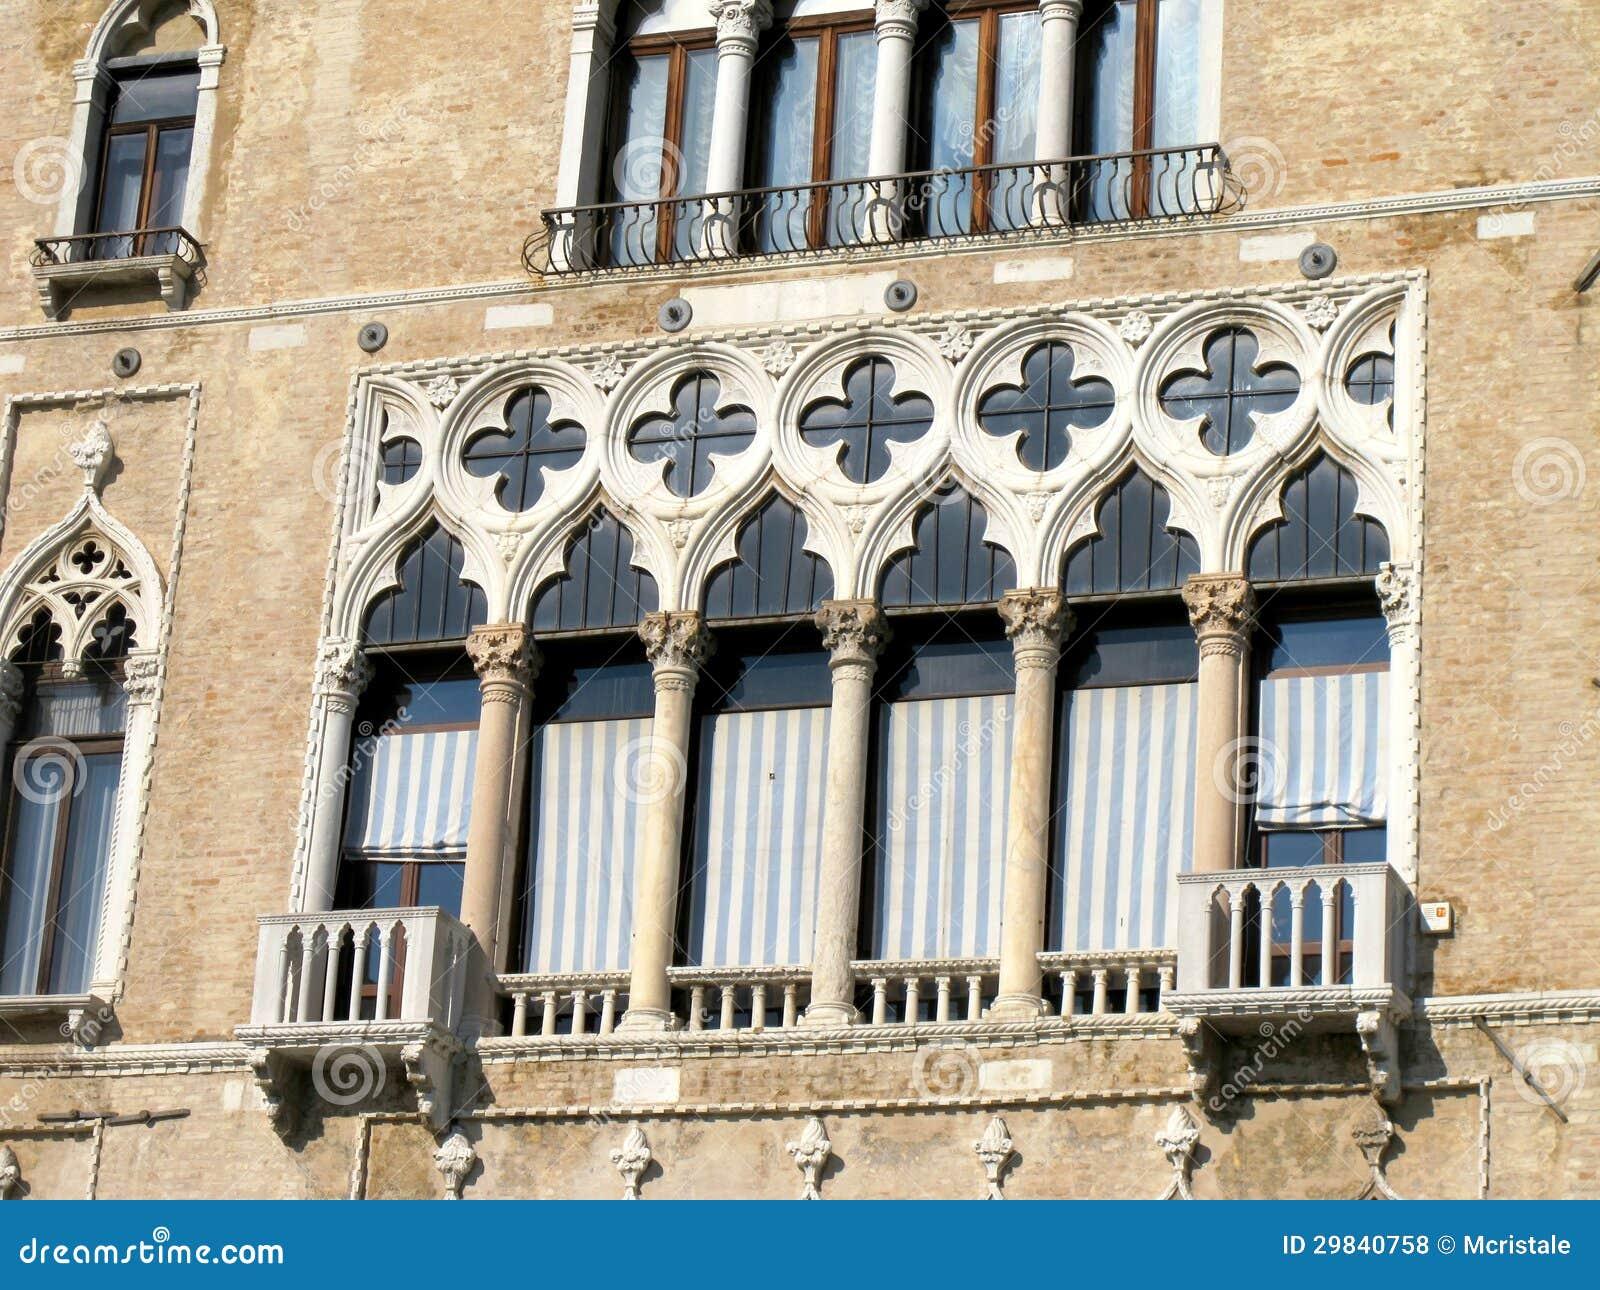 Fachada de um palácio em Veneza